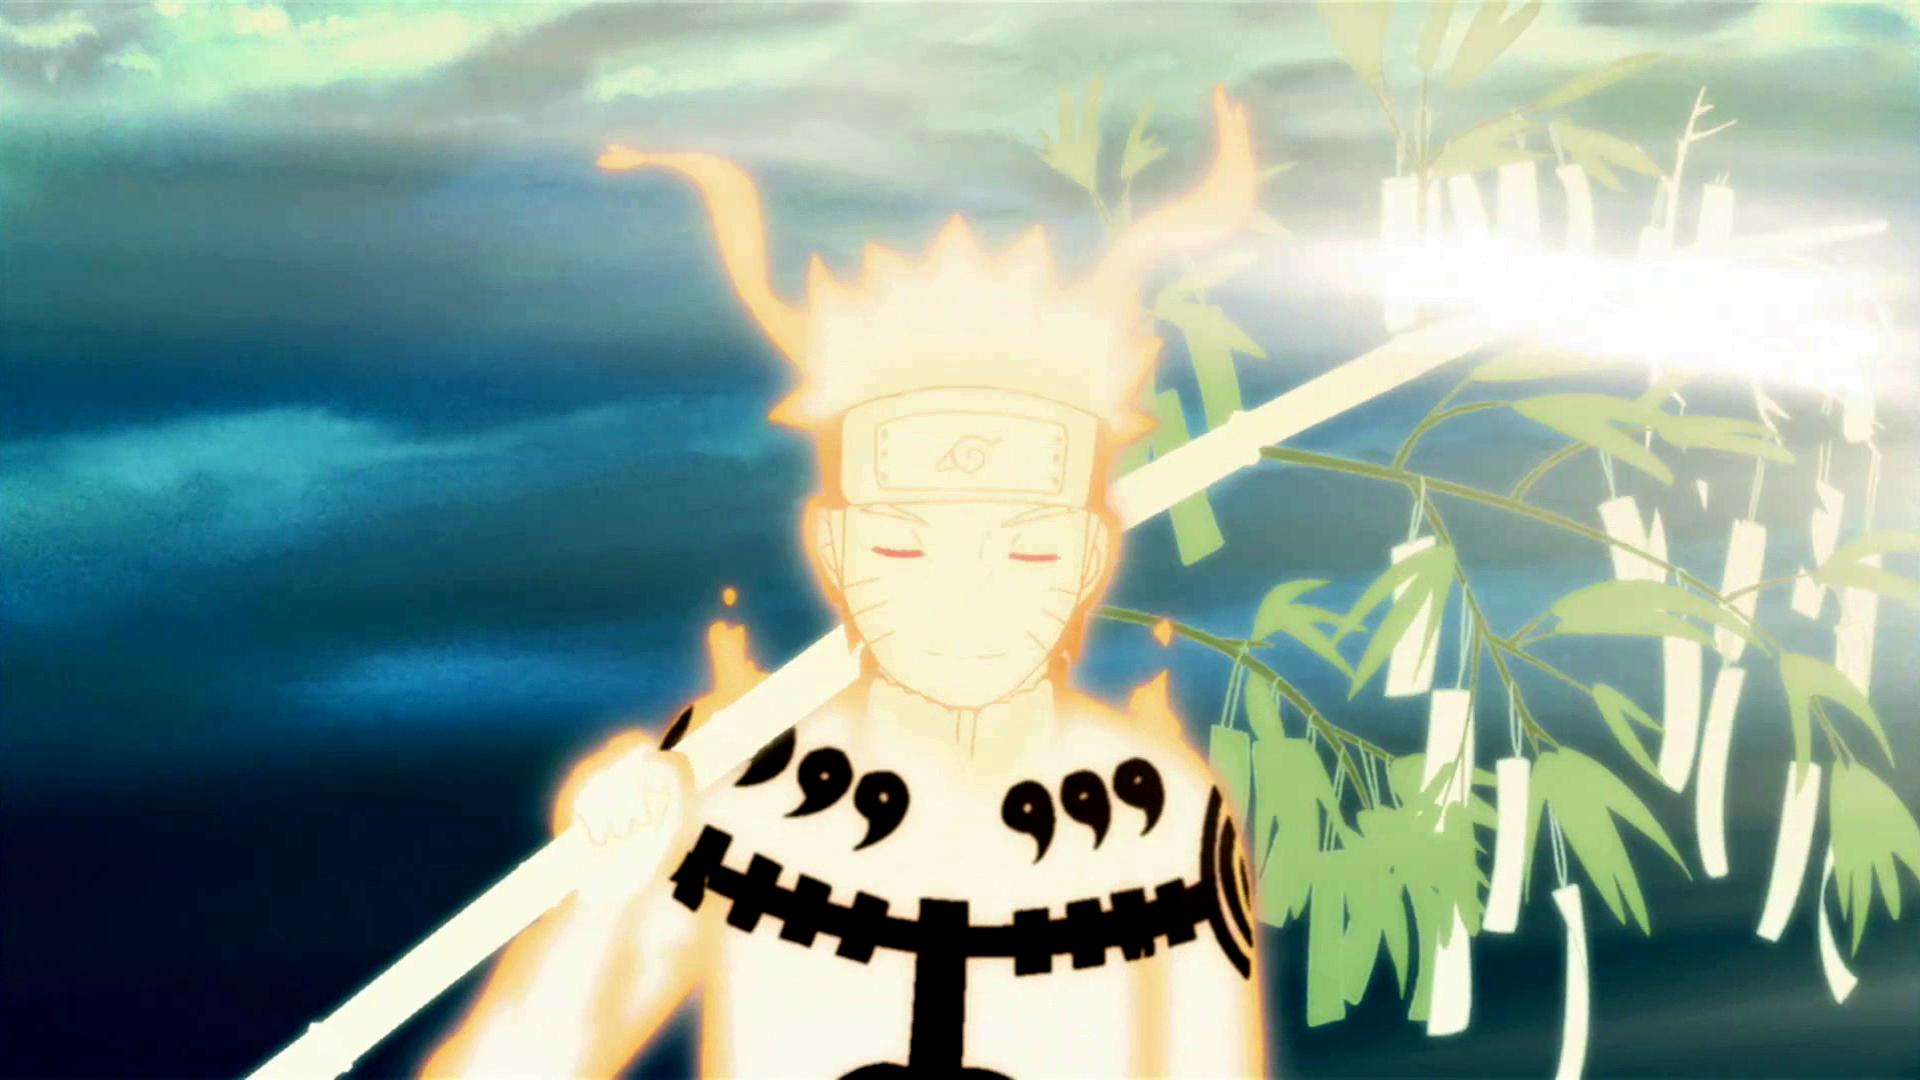 Naruto Kyuubi Chakra Mode Wallpaper by IgnisWindNaruto Kyuubi Chakra Mode